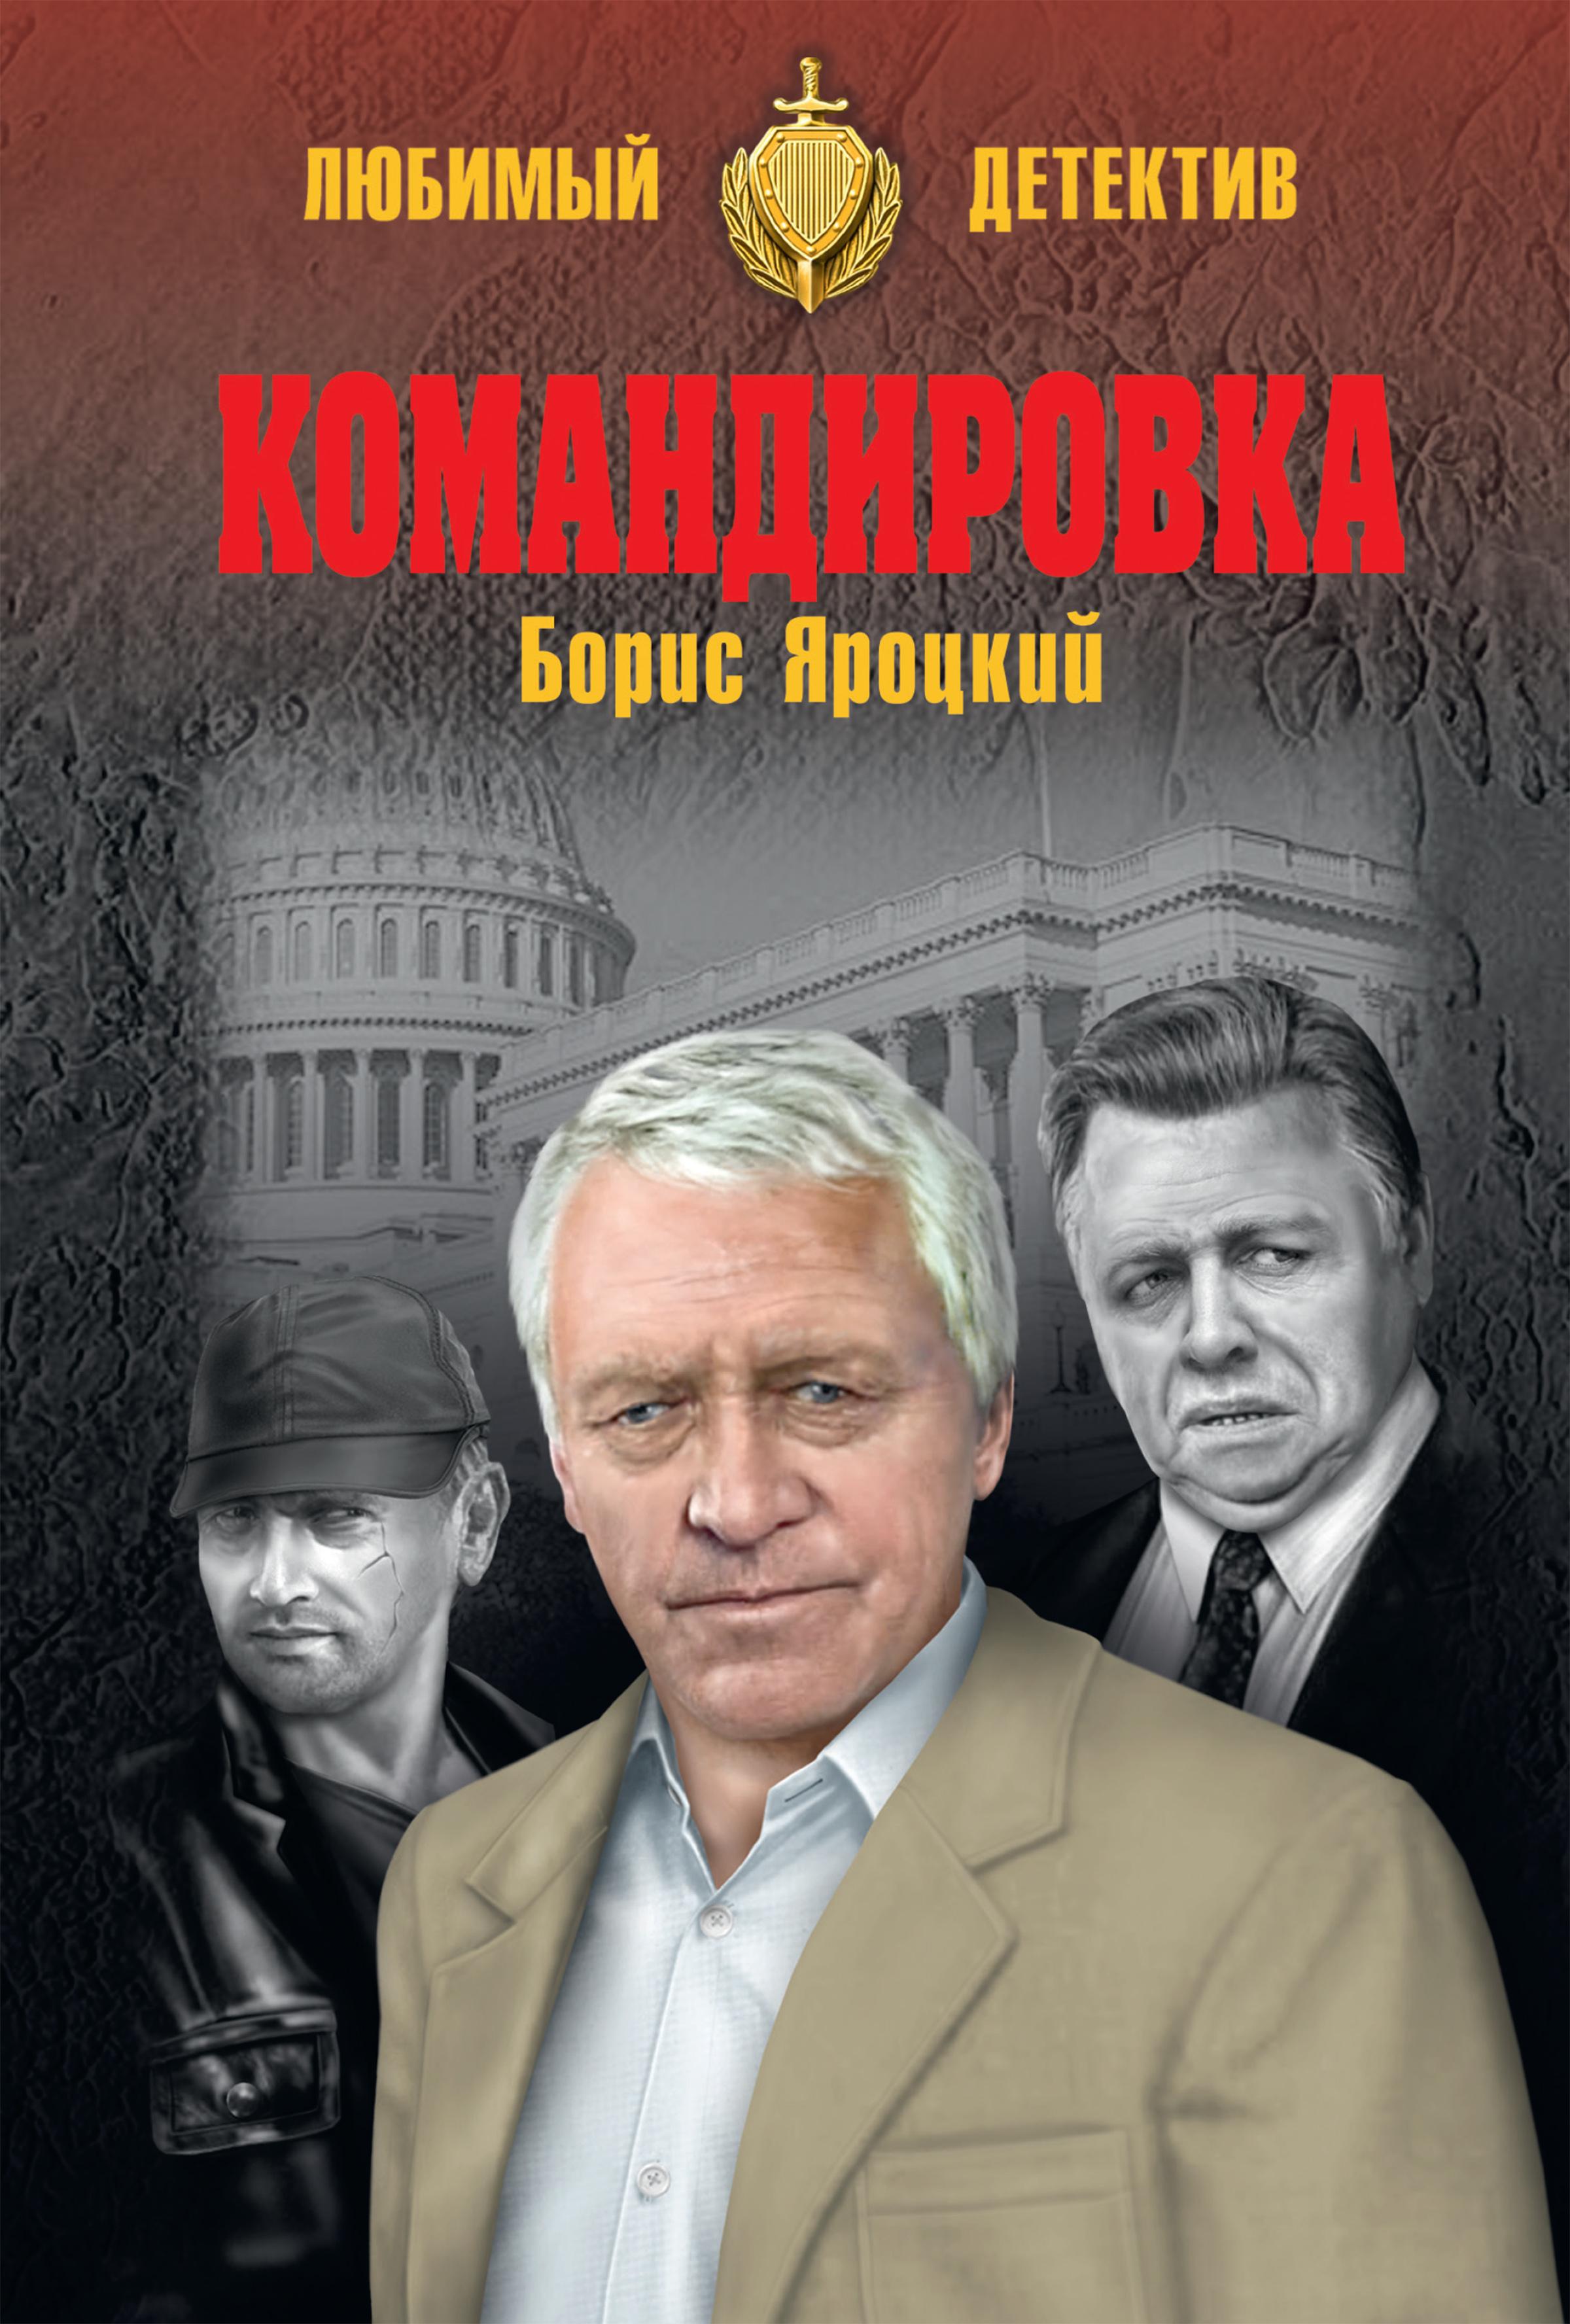 Борис Яроцкий Командировка